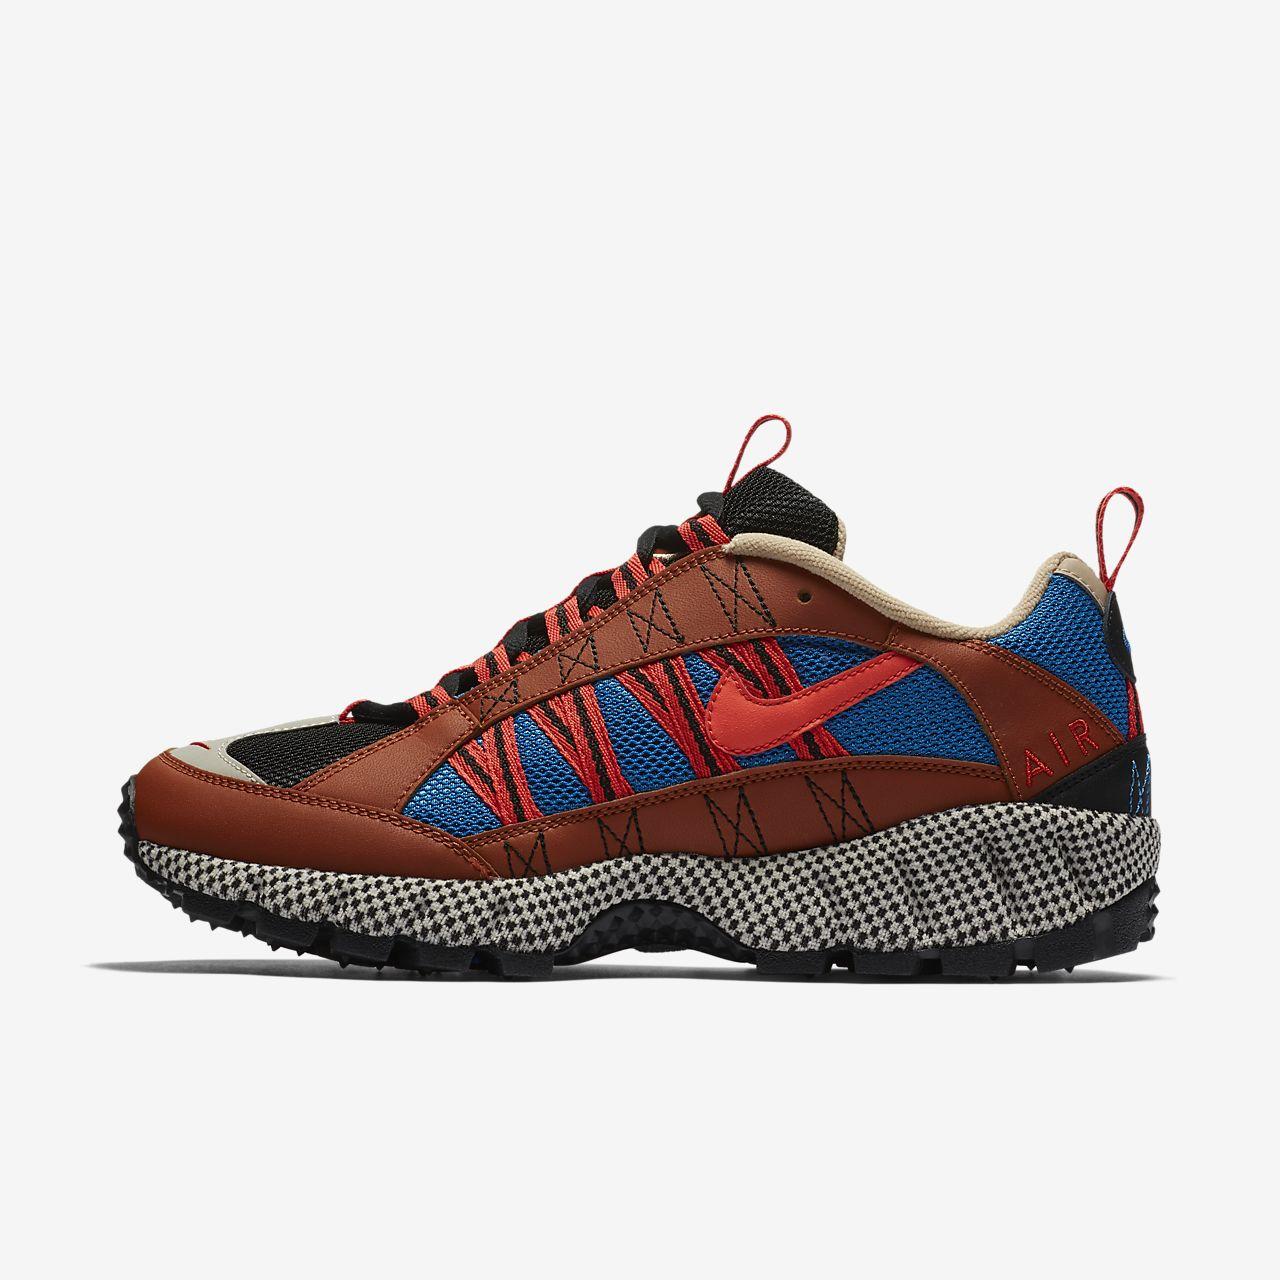 online store 1ad55 a8aeb ... Nike Air Humara 17 QS Mens Shoe